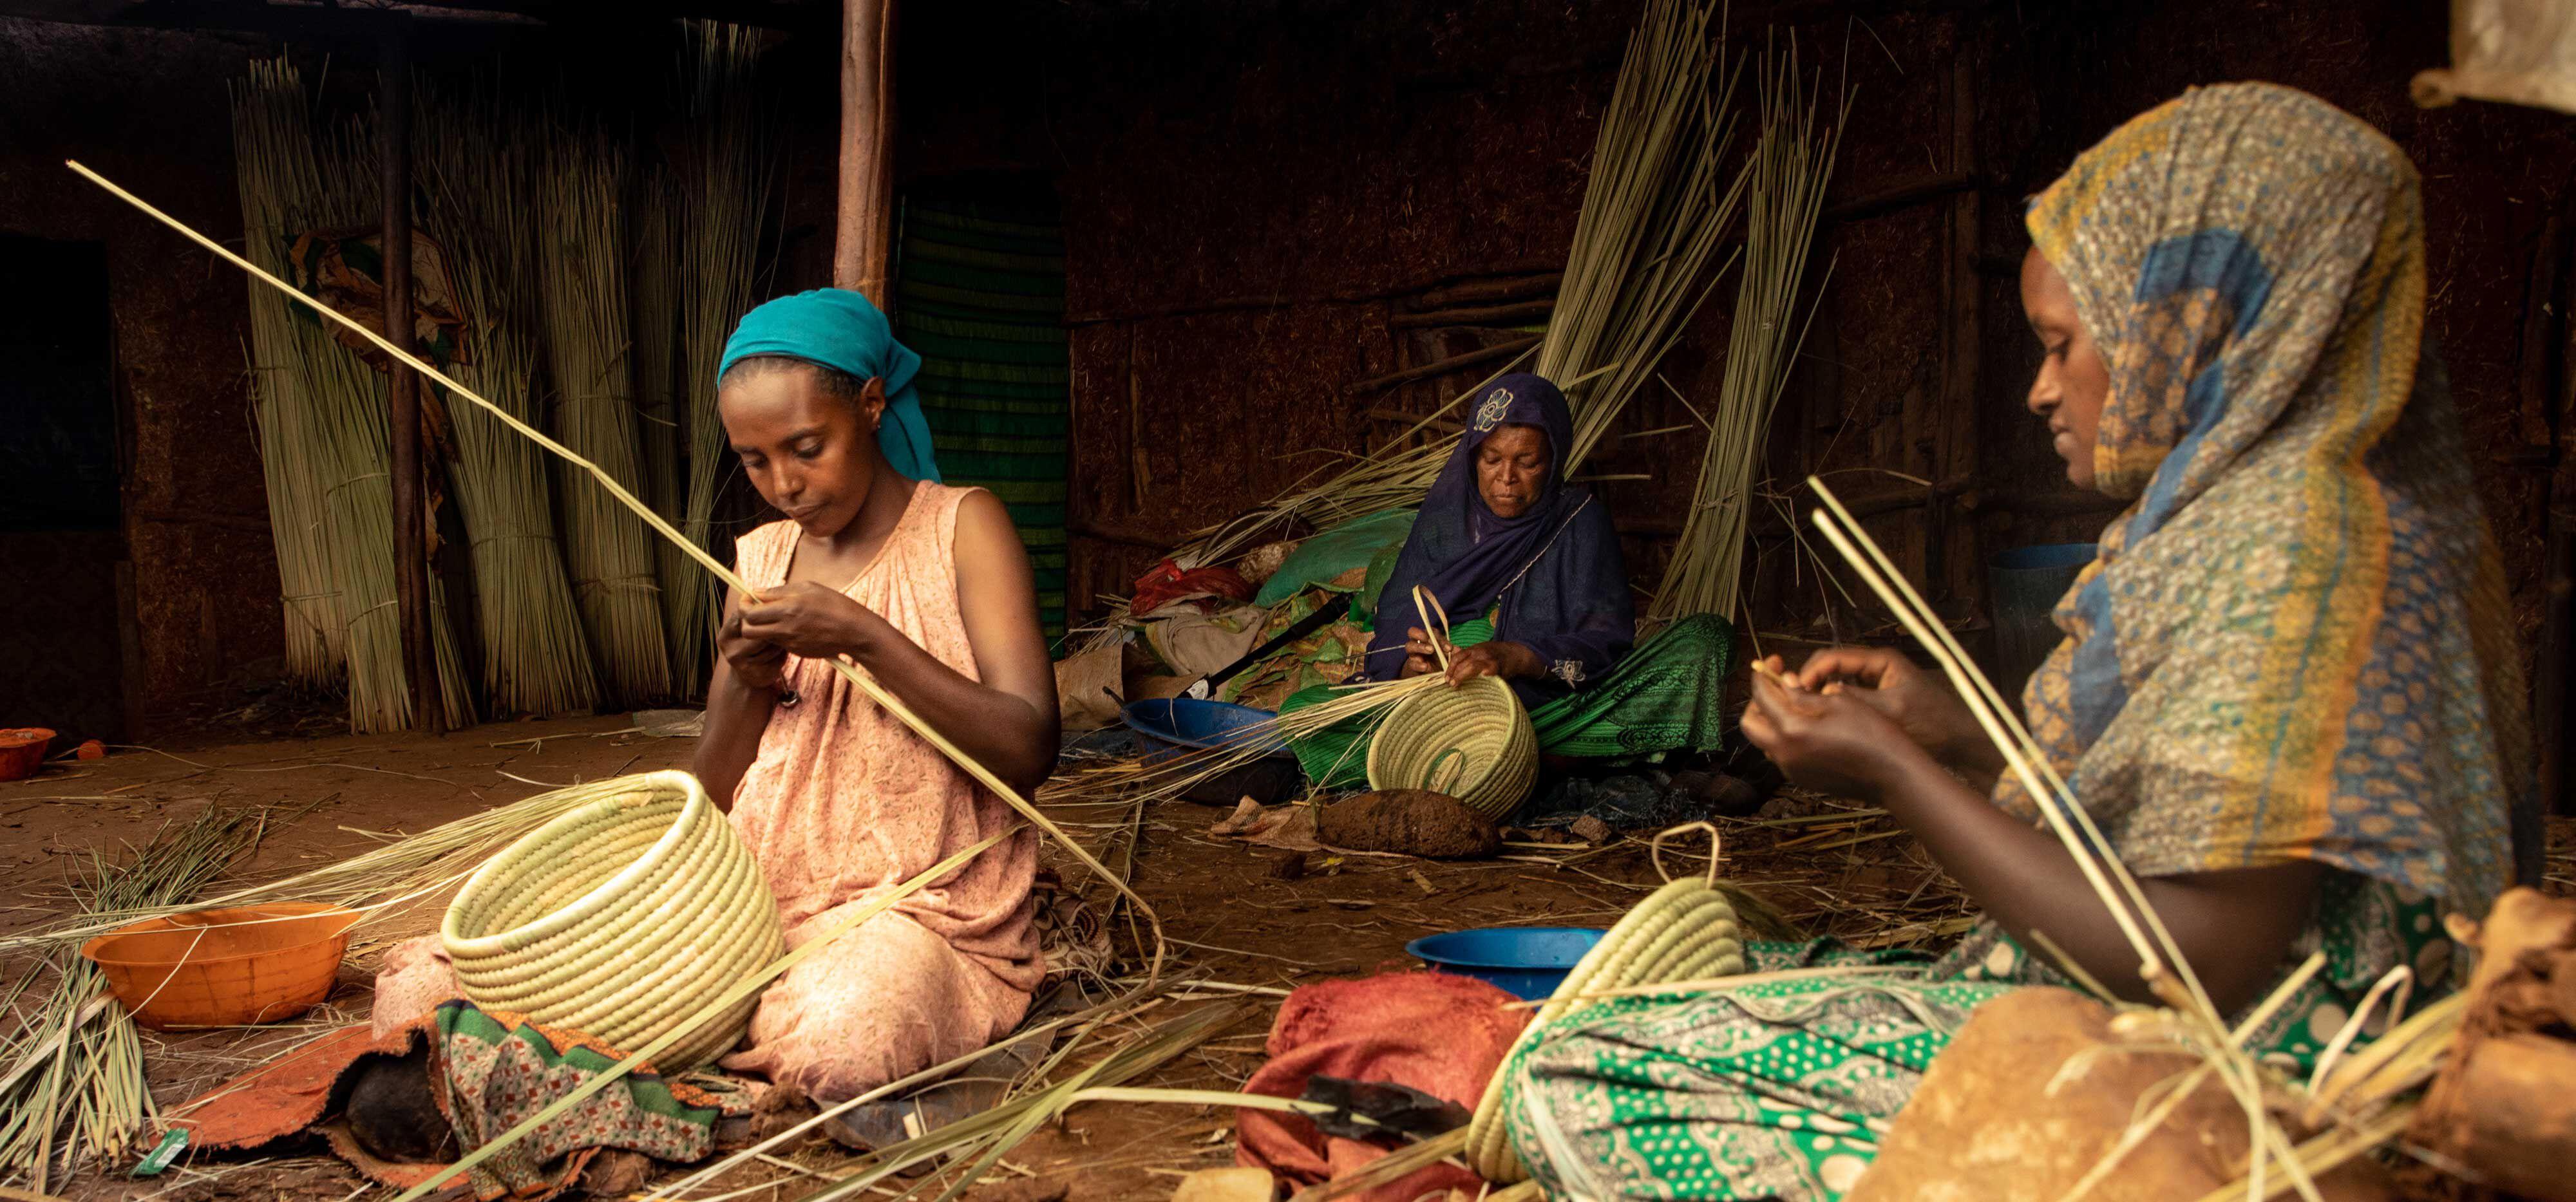 Kurvfletting er en viktig ferdighet i Etiopia